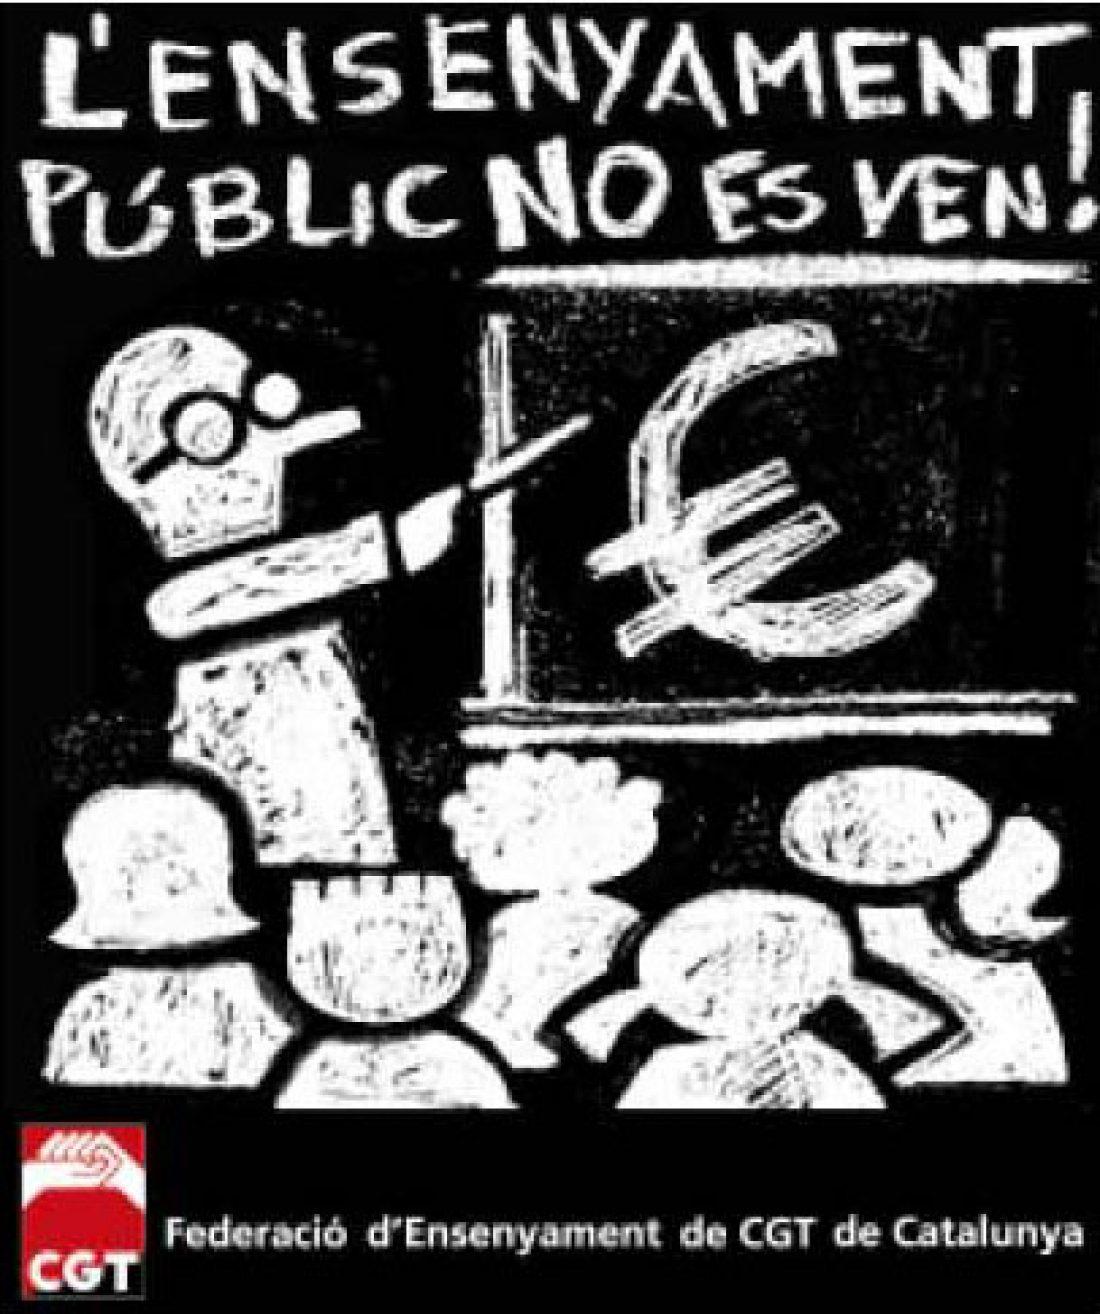 17 de Marzo: Huelga de la enseñanza pública en Catalunya